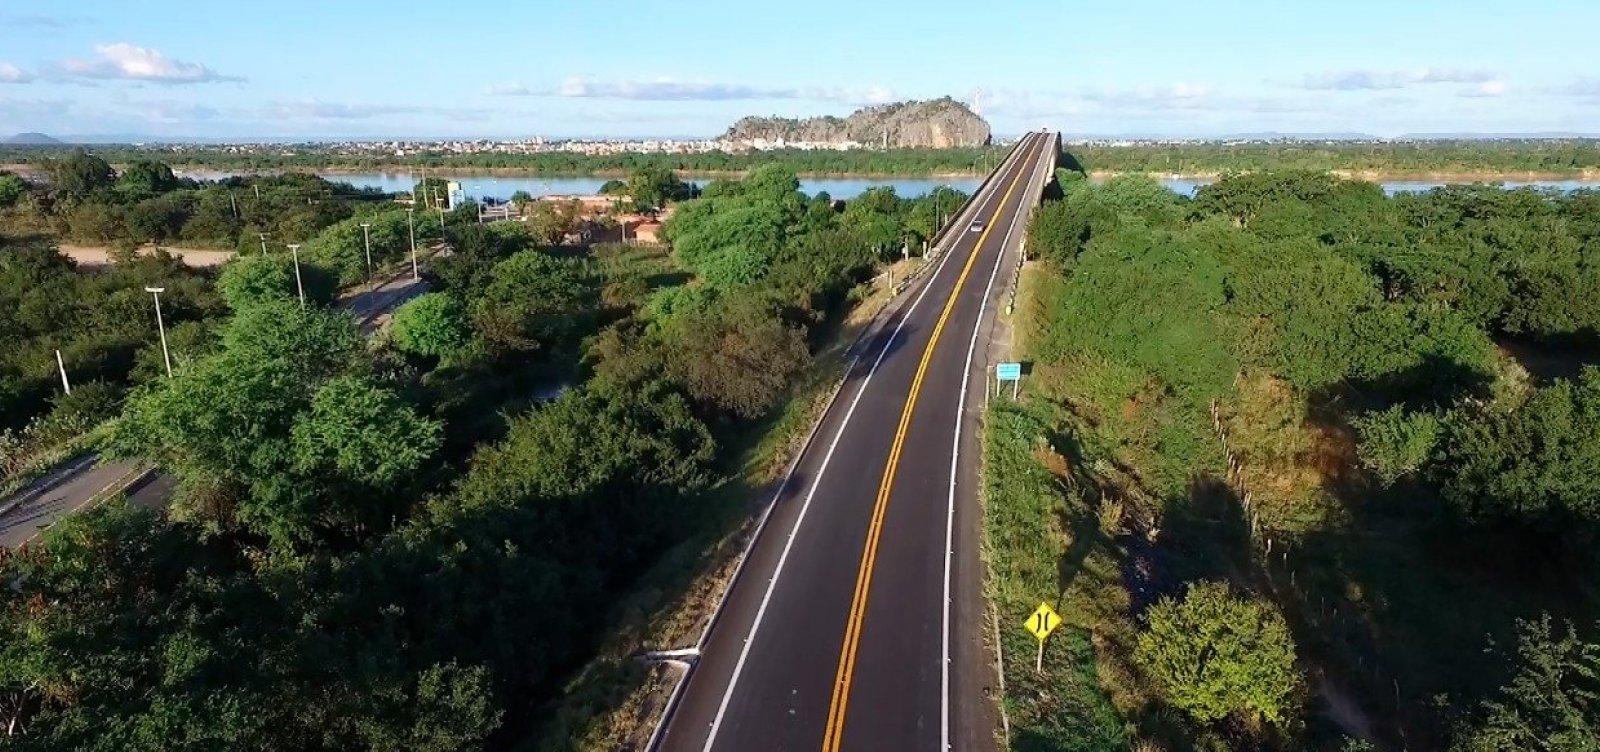 [Governo federal entrega 88 km de pista recuperada em estrada na Bahia]